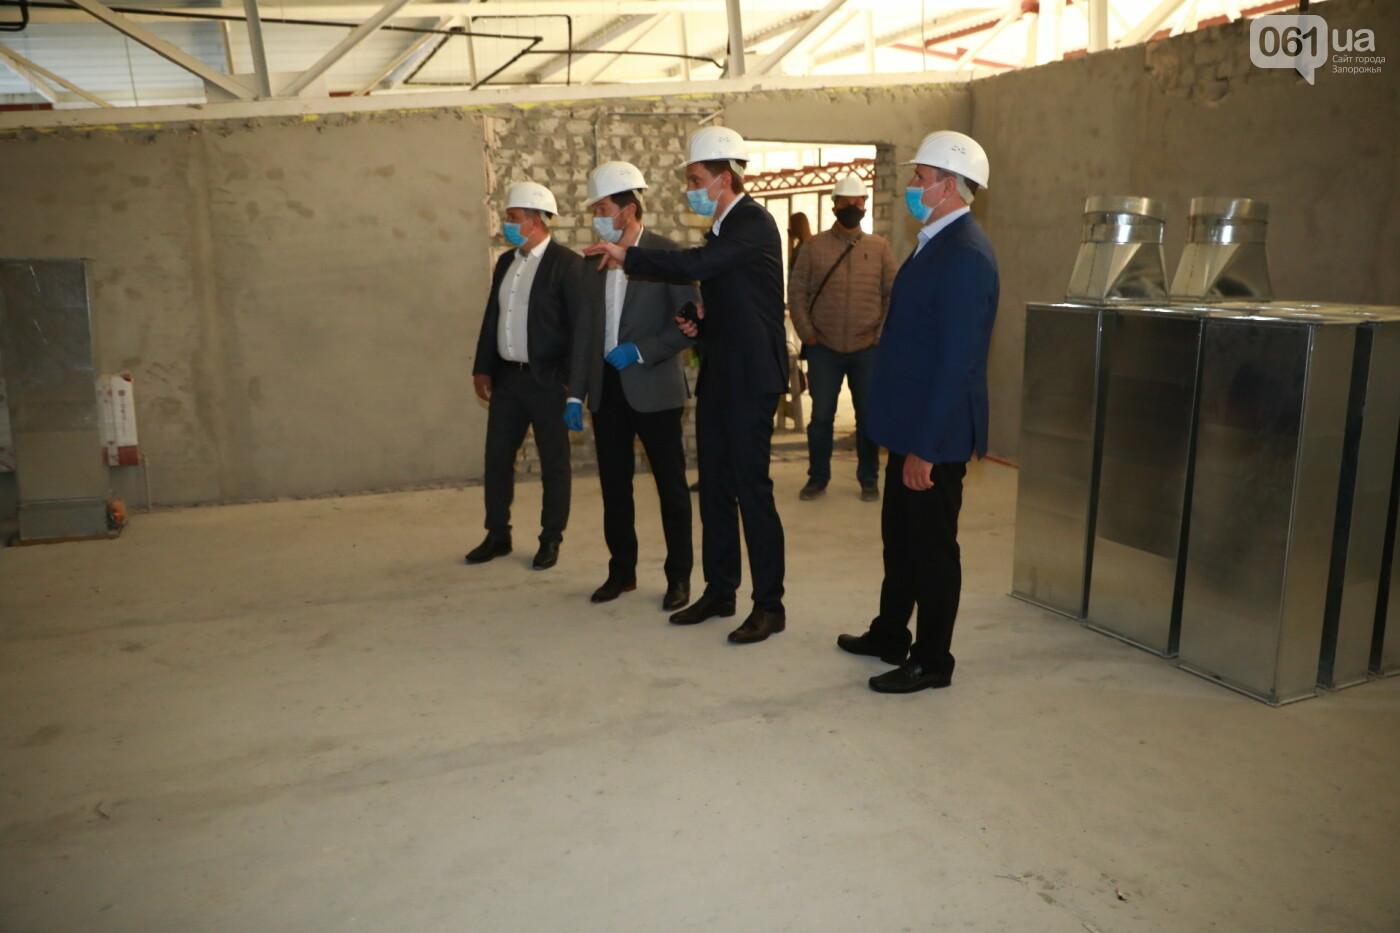 В Мелитополе полным ходом идет строительство водно-спортивного комплекса на 78 миллионов, - ФОТО, фото-12